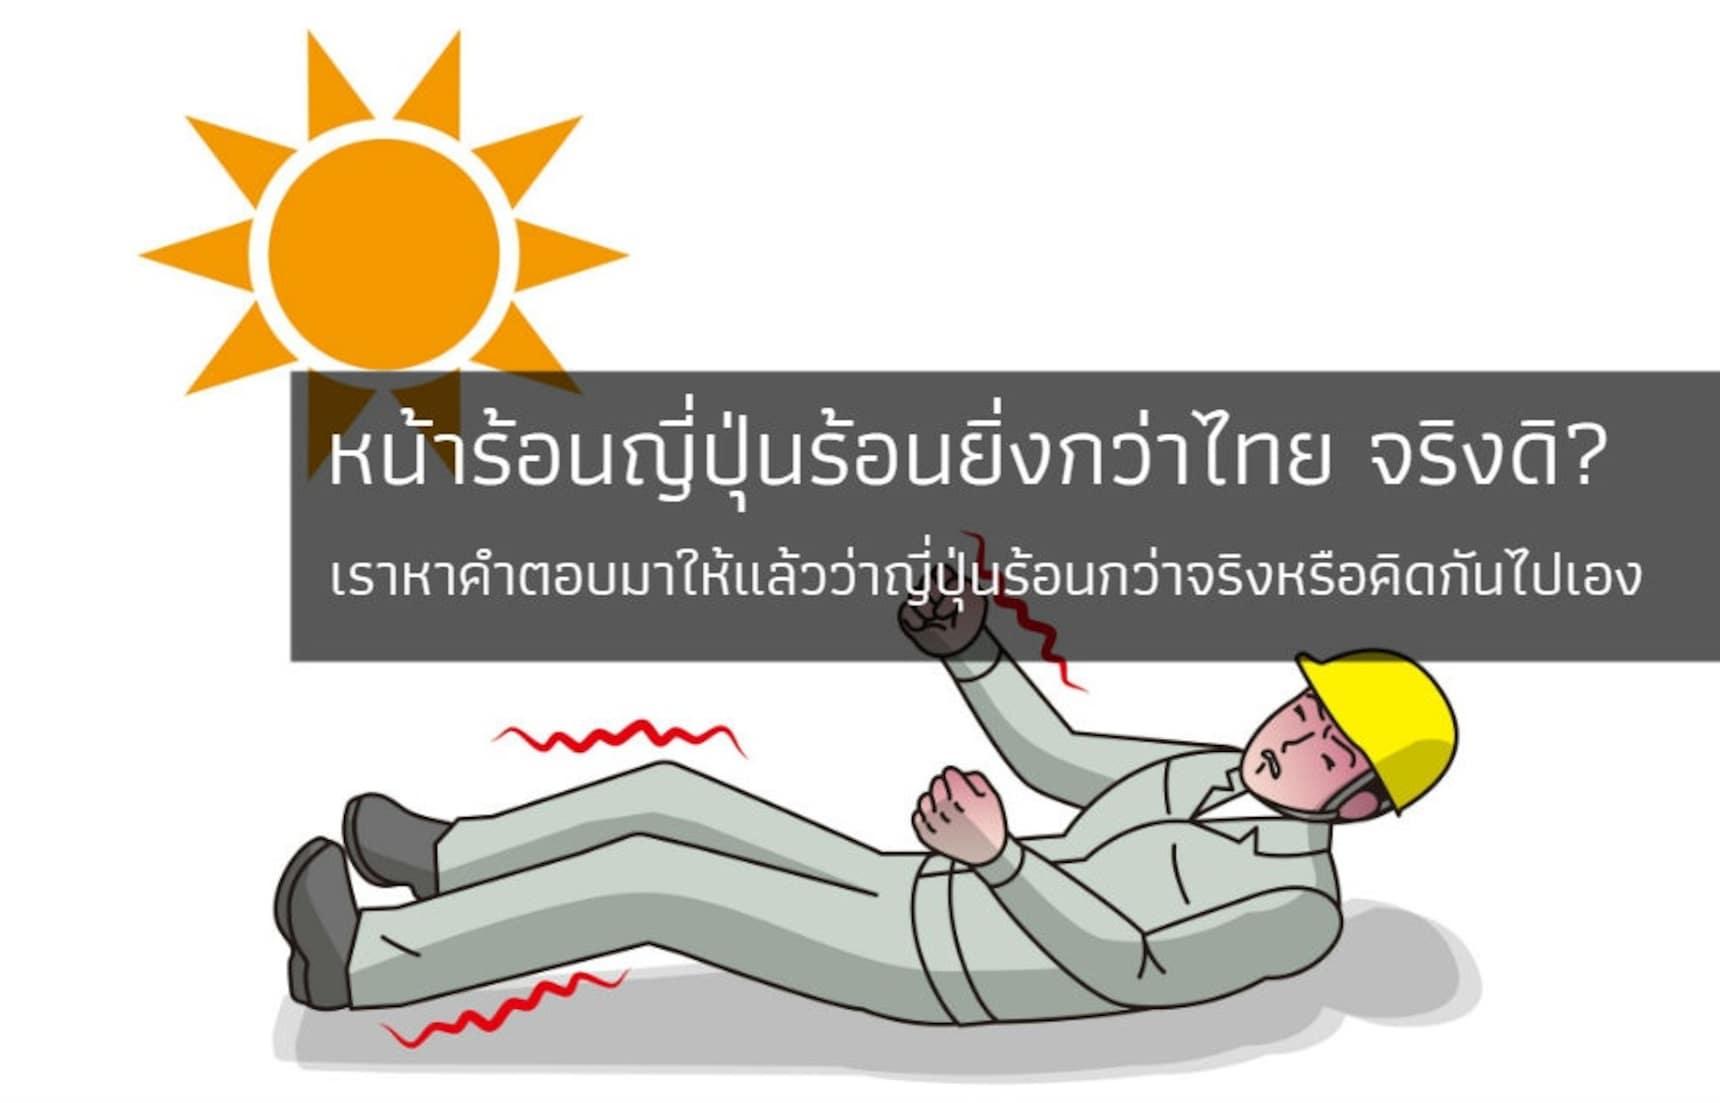 หน้าร้อนญี่ปุ่นร้อนยิ่งกว่าไทย จริงหรือ?